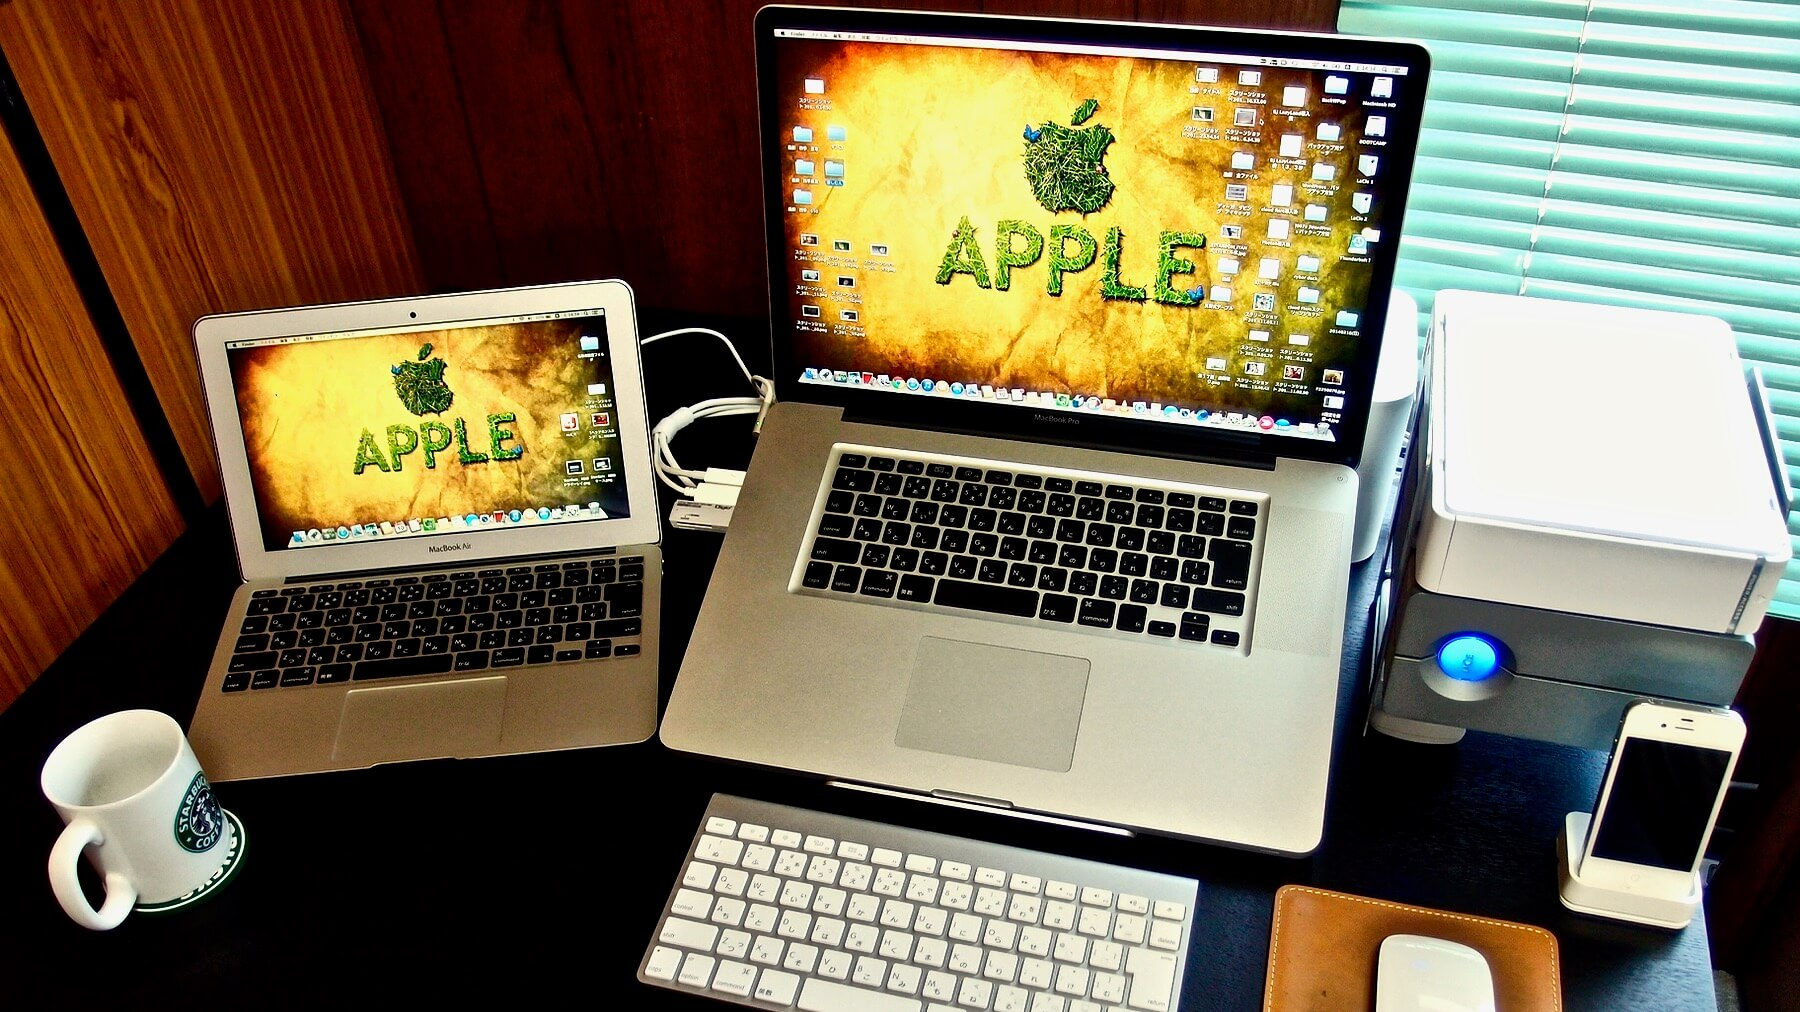 05 Macbook Pro 2017 13inch